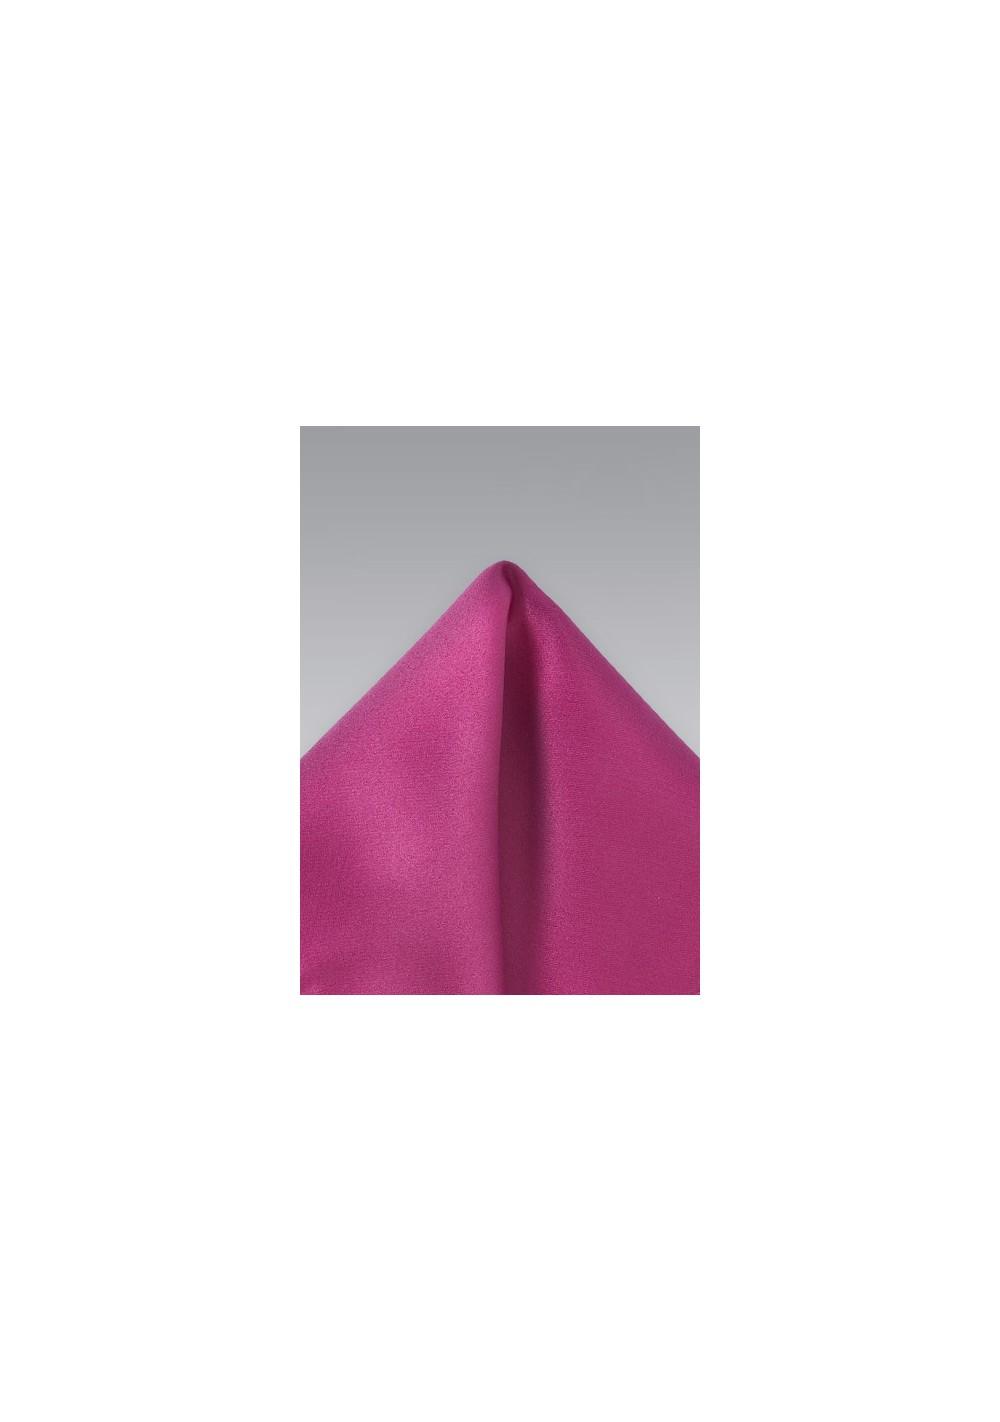 Magneta Pink Pocket Square